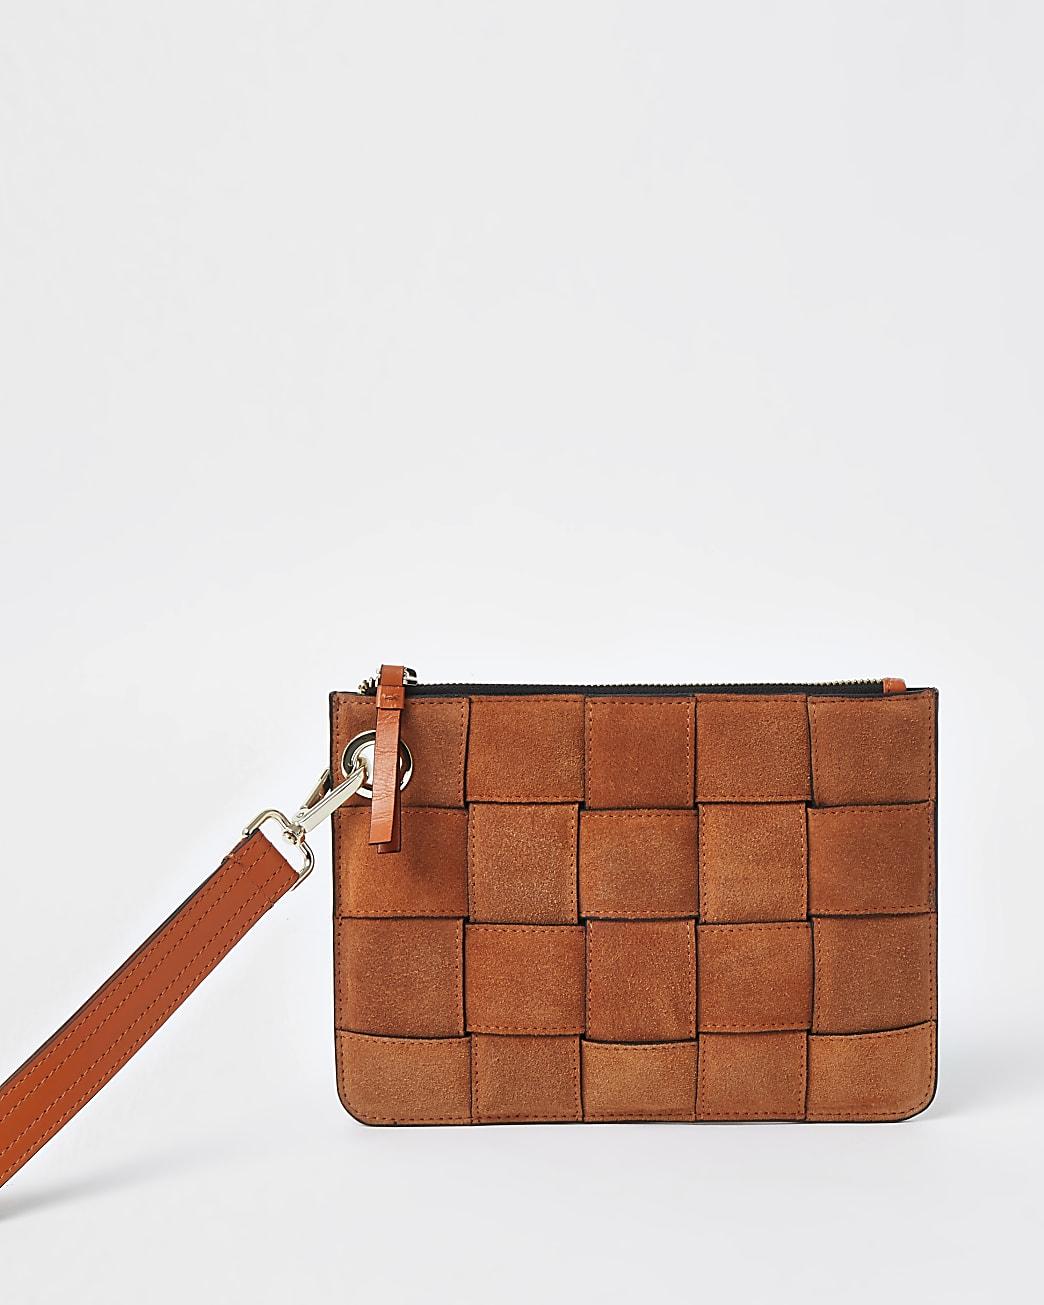 Orange suede weave clutch handbag